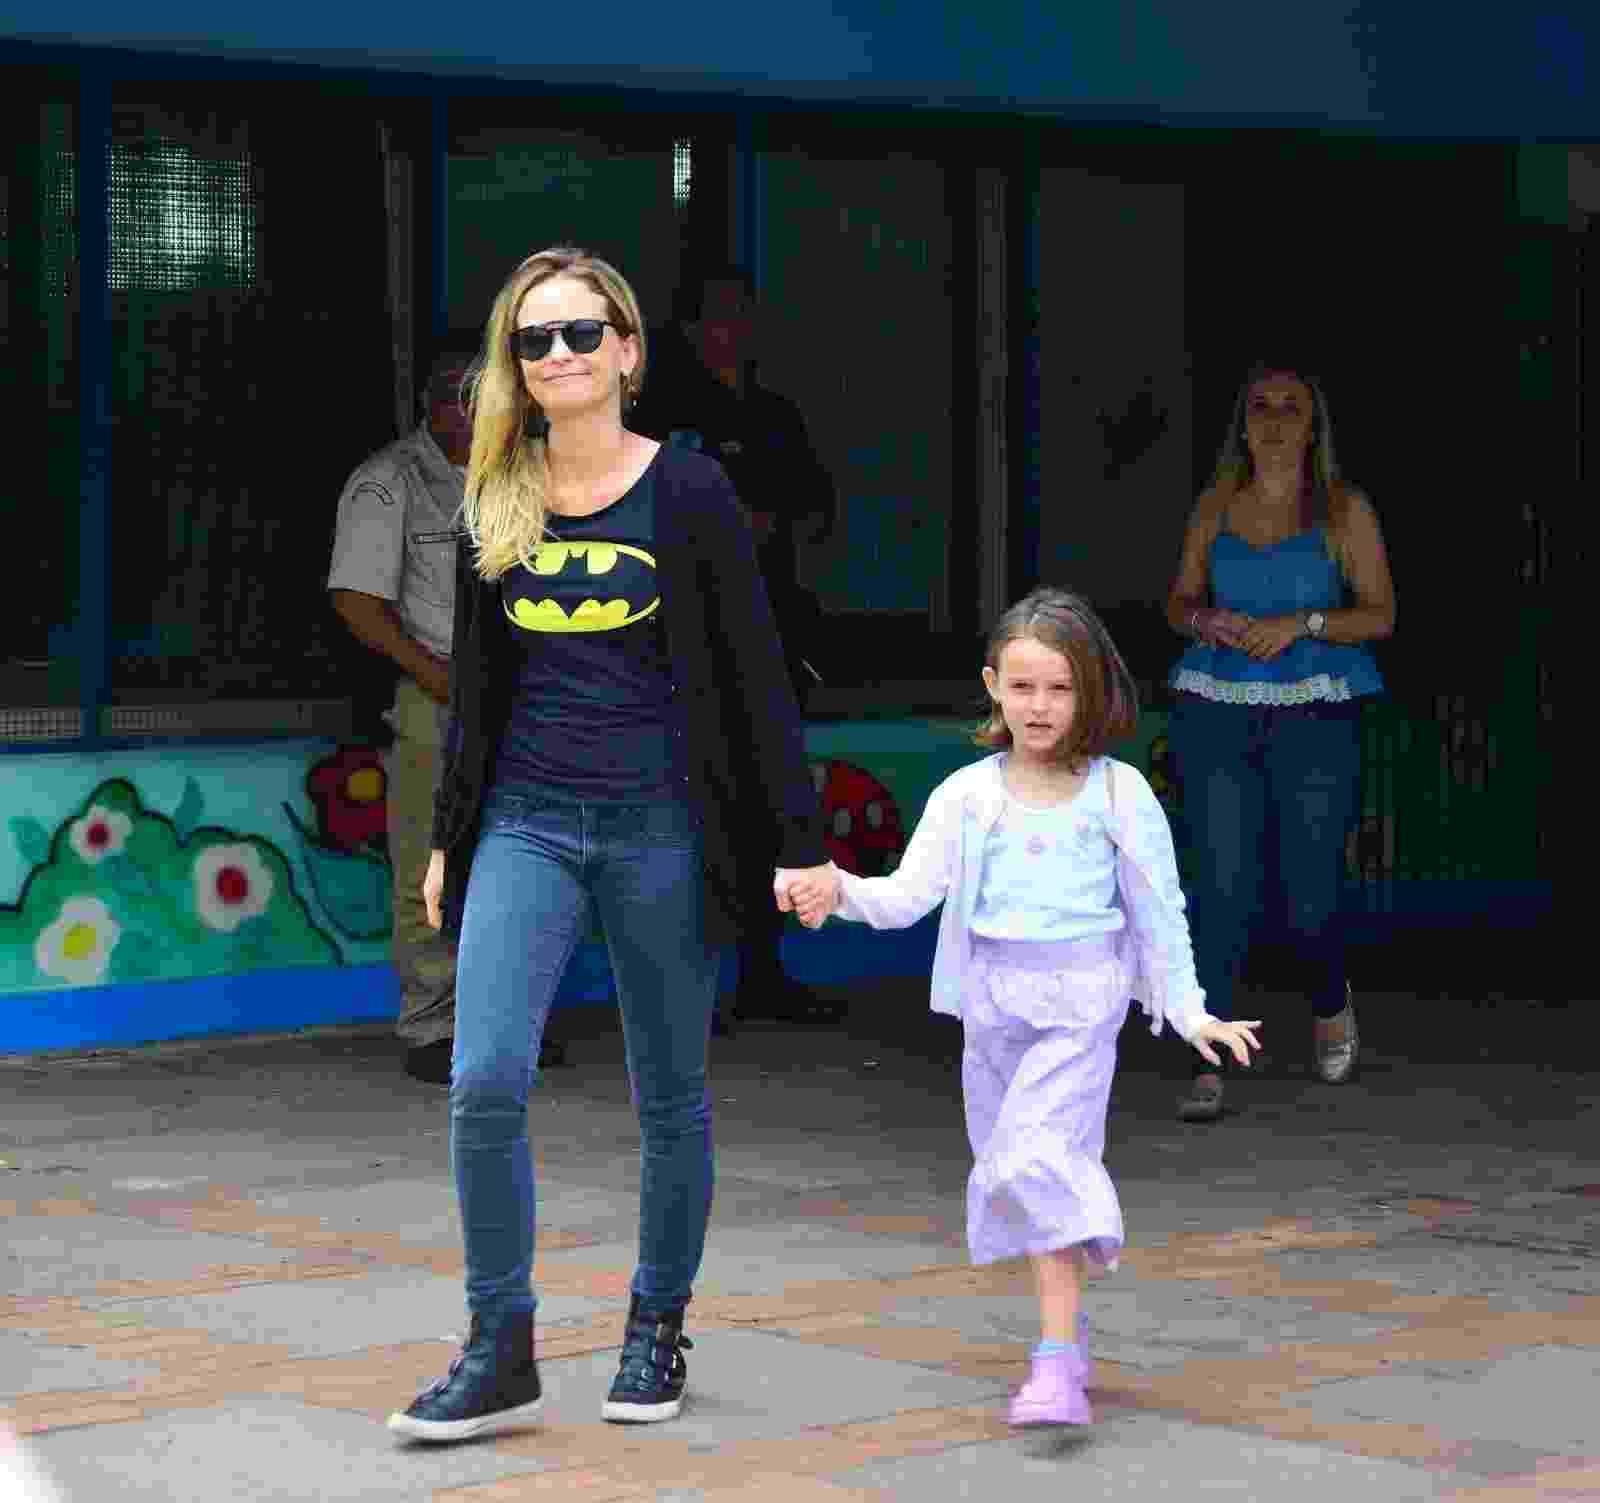 30.out.2016 - Fernanda Rodrigues vai com a filha, Luisa, votar no segundo turno das eleições em uma escola na Barra da Tijuca, zona oeste do Rio - William Odab/AgNews